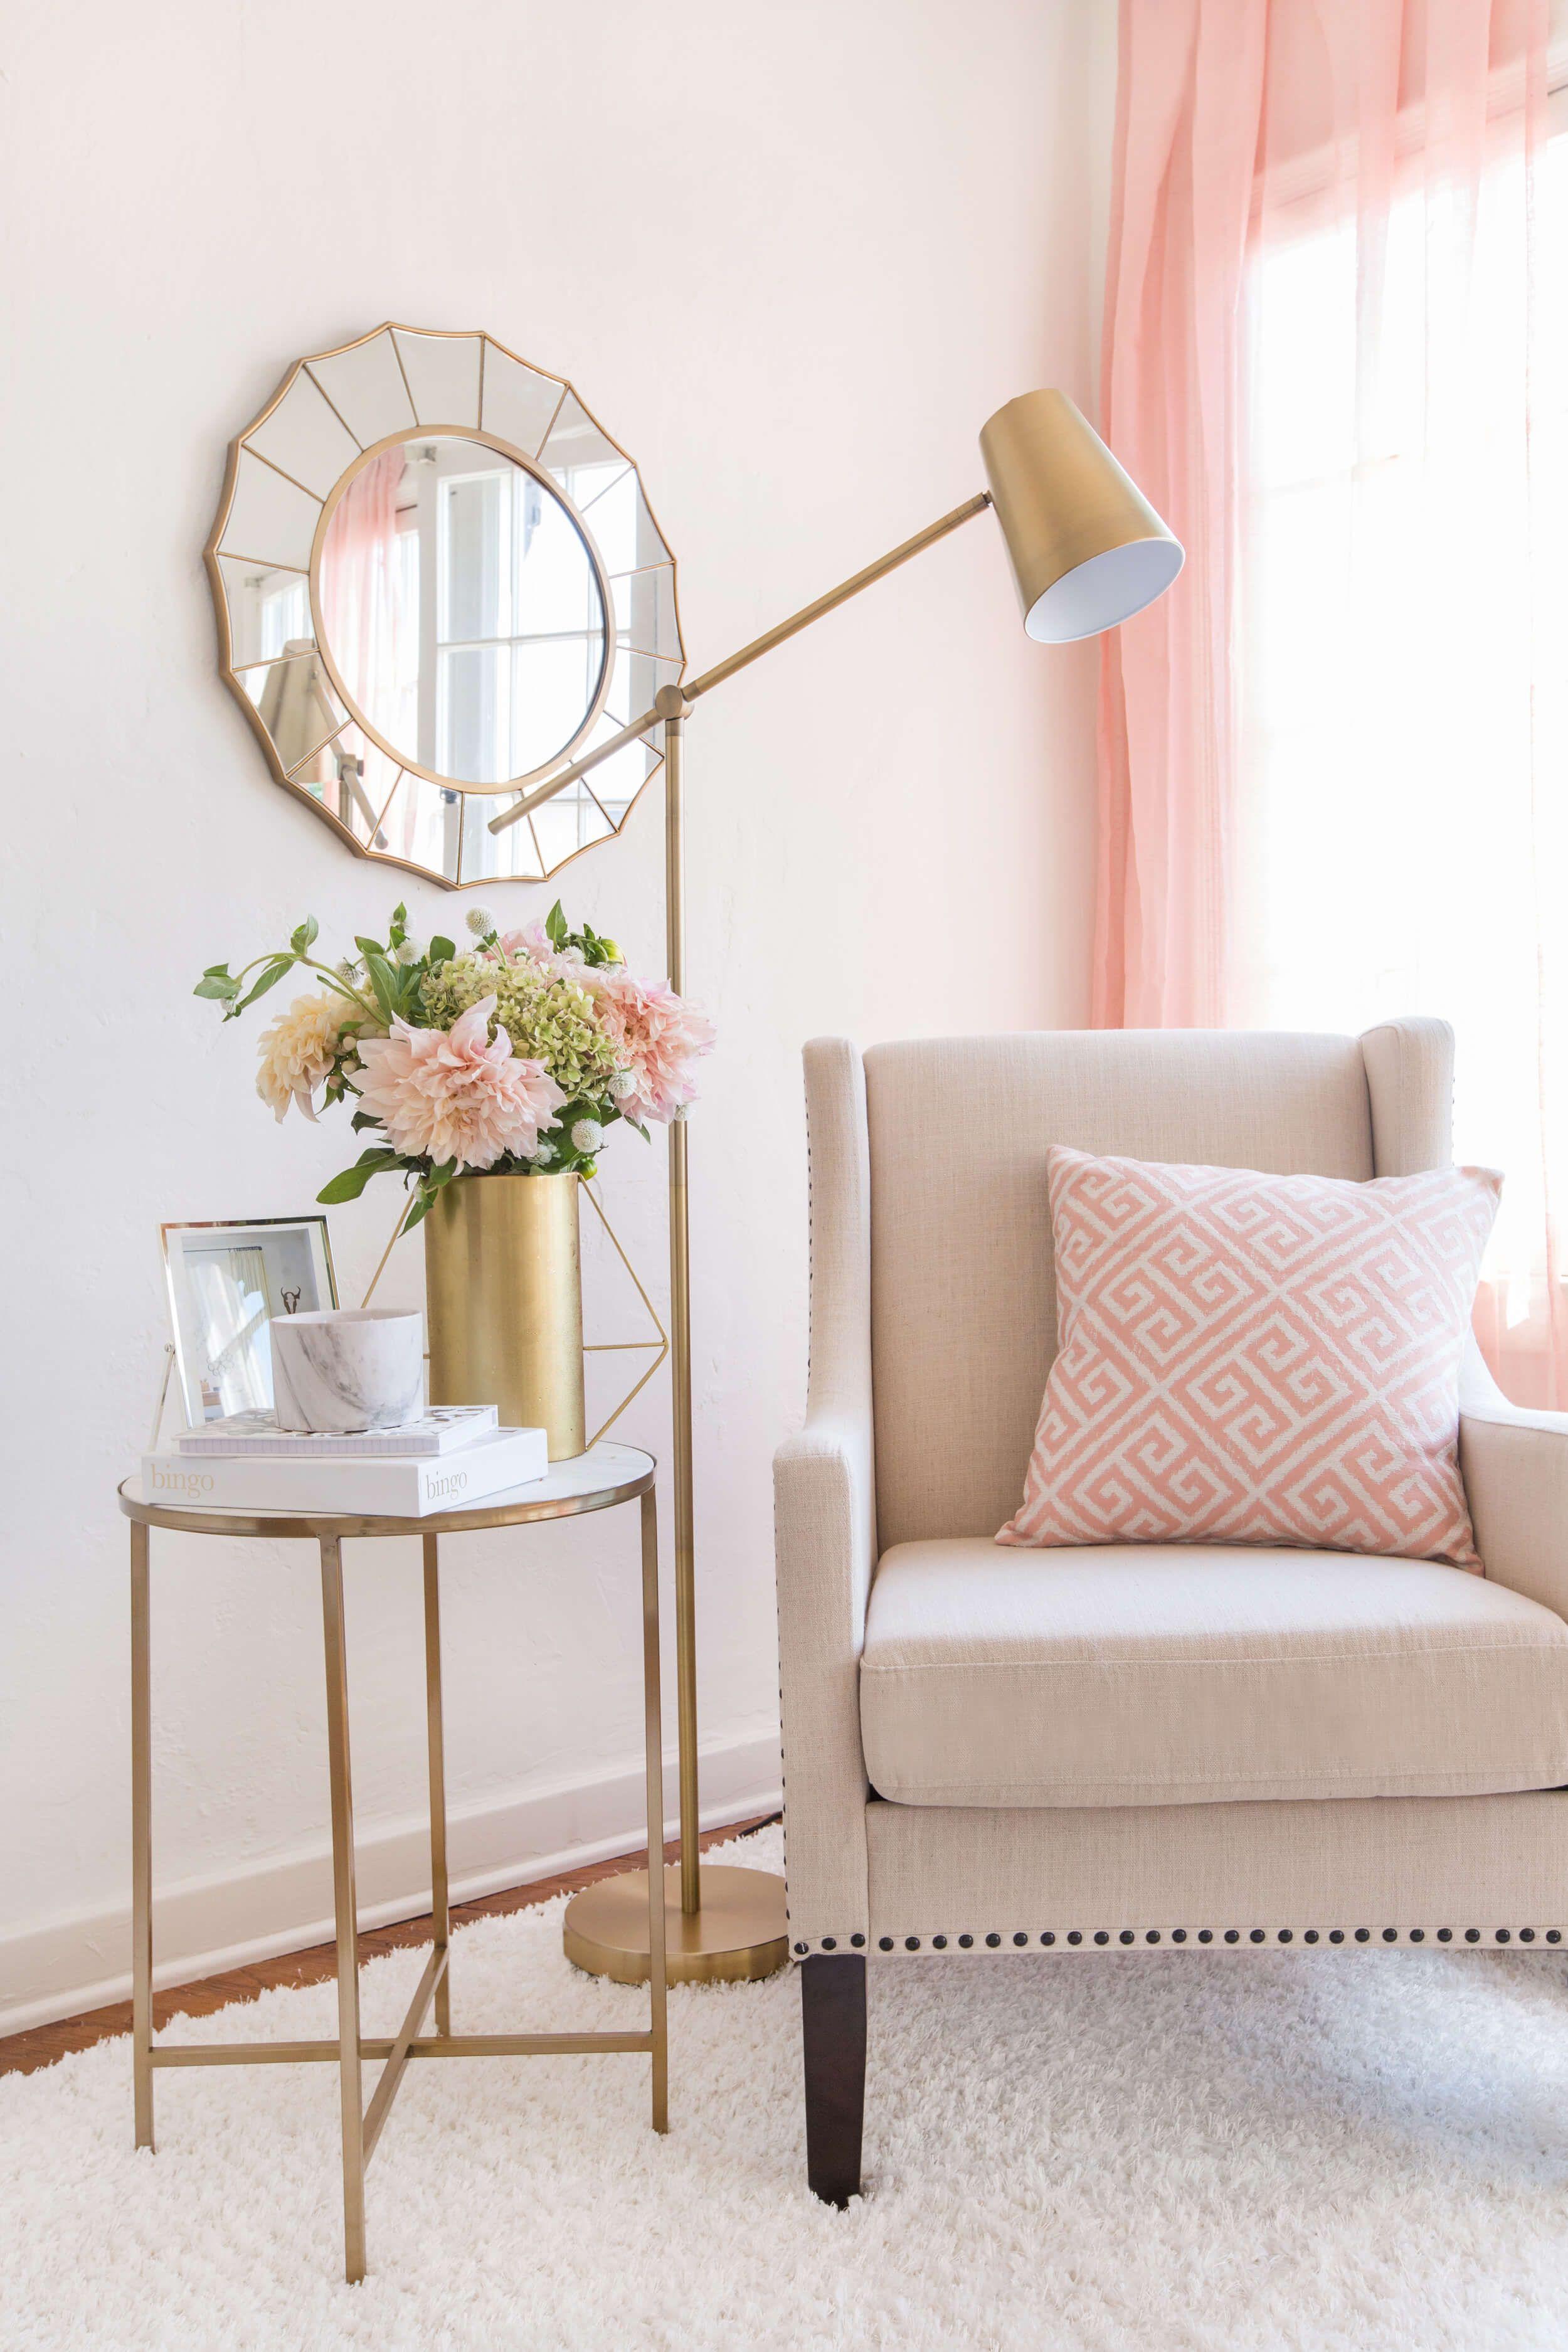 3 Tipps beim Beleuchtung-Planen für hohe Behaglichkeit in Ihrem Zuhause